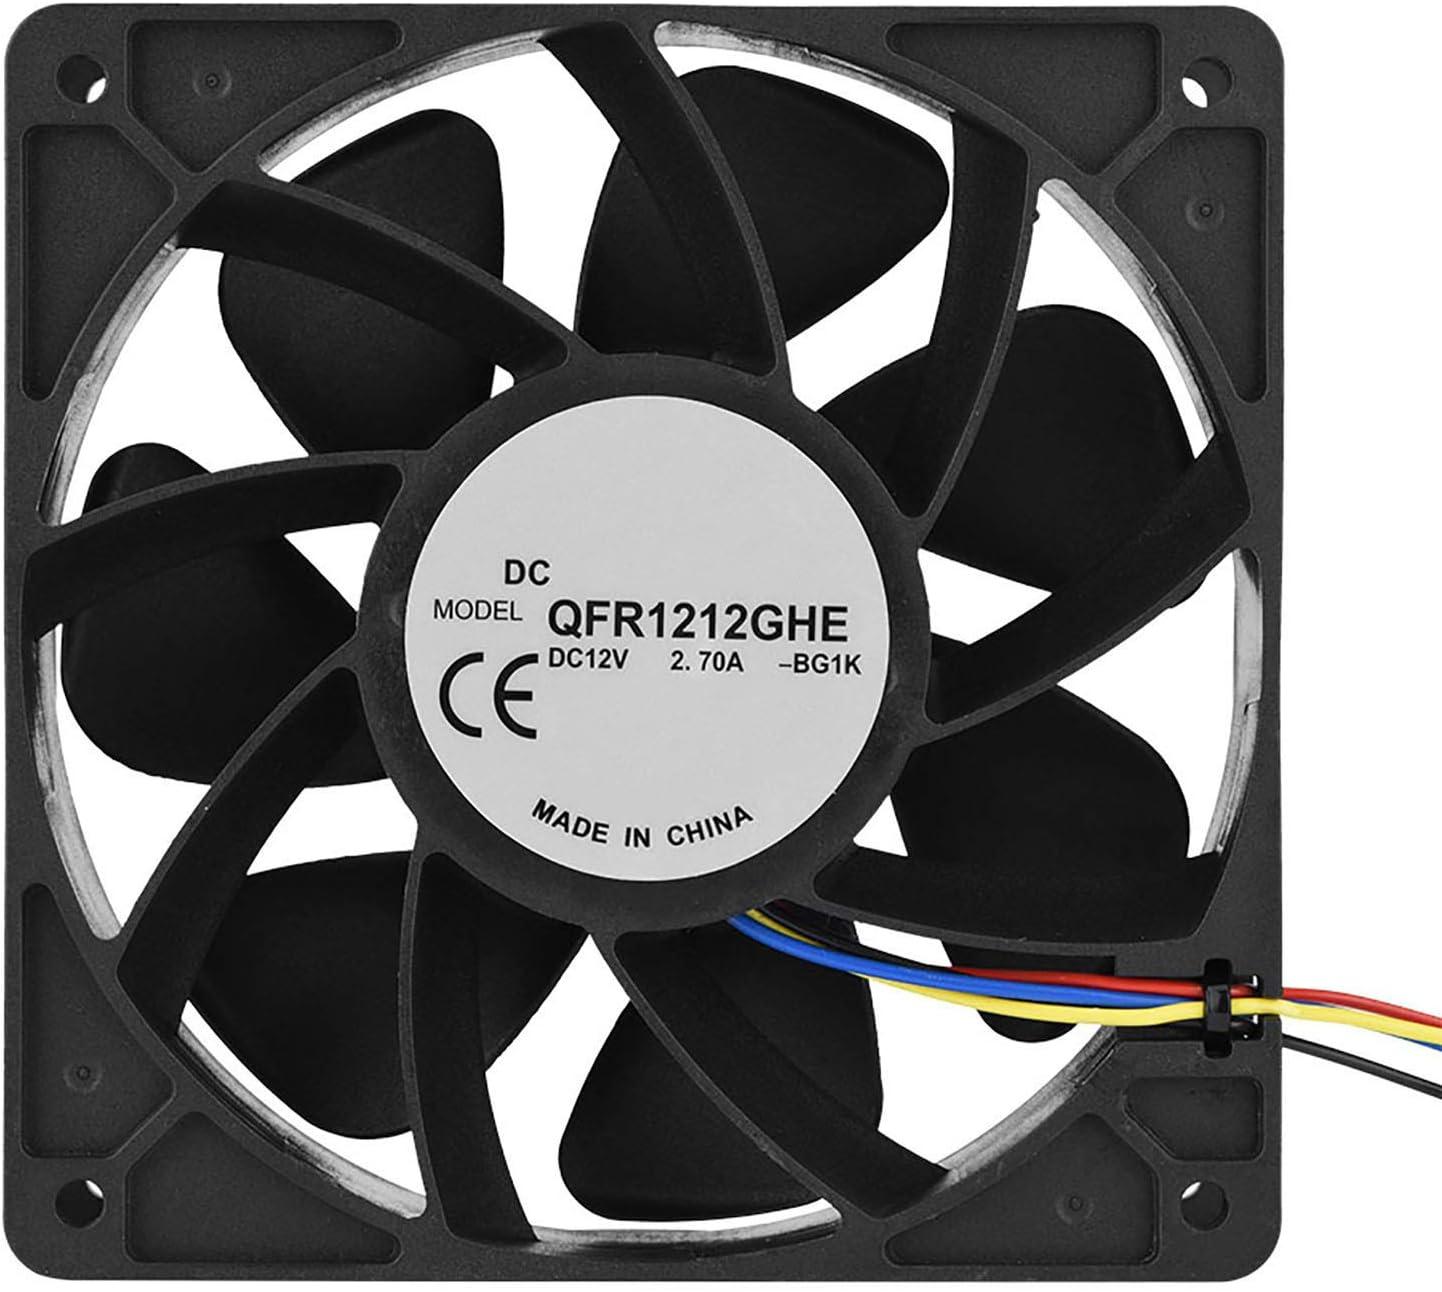 Surebuy Ventilador de enfriamiento de 6000 RPM, Ventilador de enfriamiento Universal Ultra silencioso con Conector de 4 Pines DC 12V 2.7A Reemplazo del Ventilador de enfriamiento para Antminer S7 S9